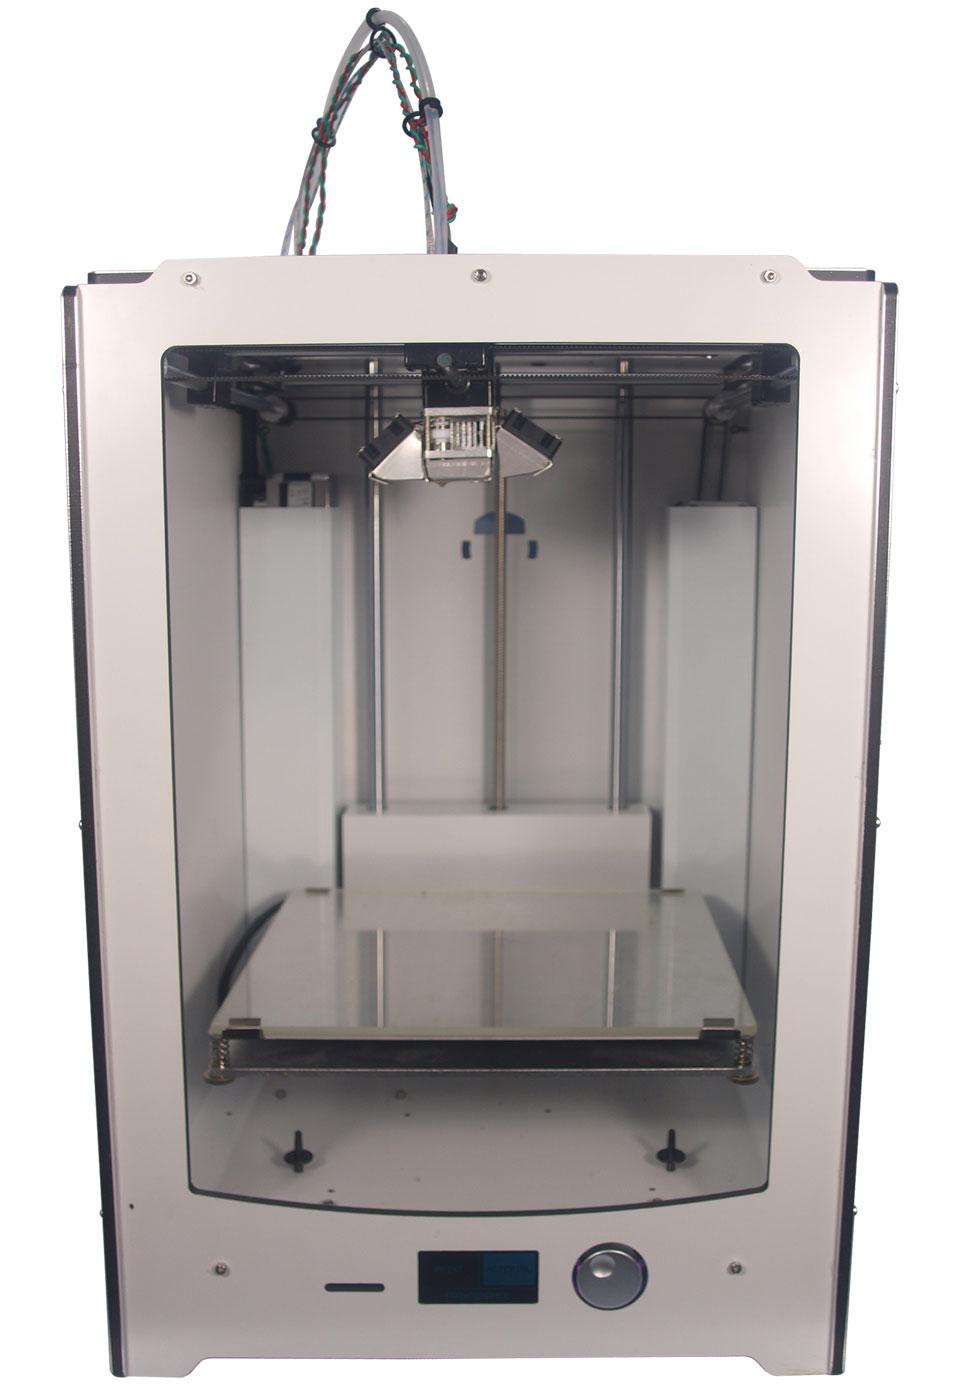 DIY UM2 Ultimaker 2 extended 3D printer DIY full kit set not assemble Ultimaker2 Extended single